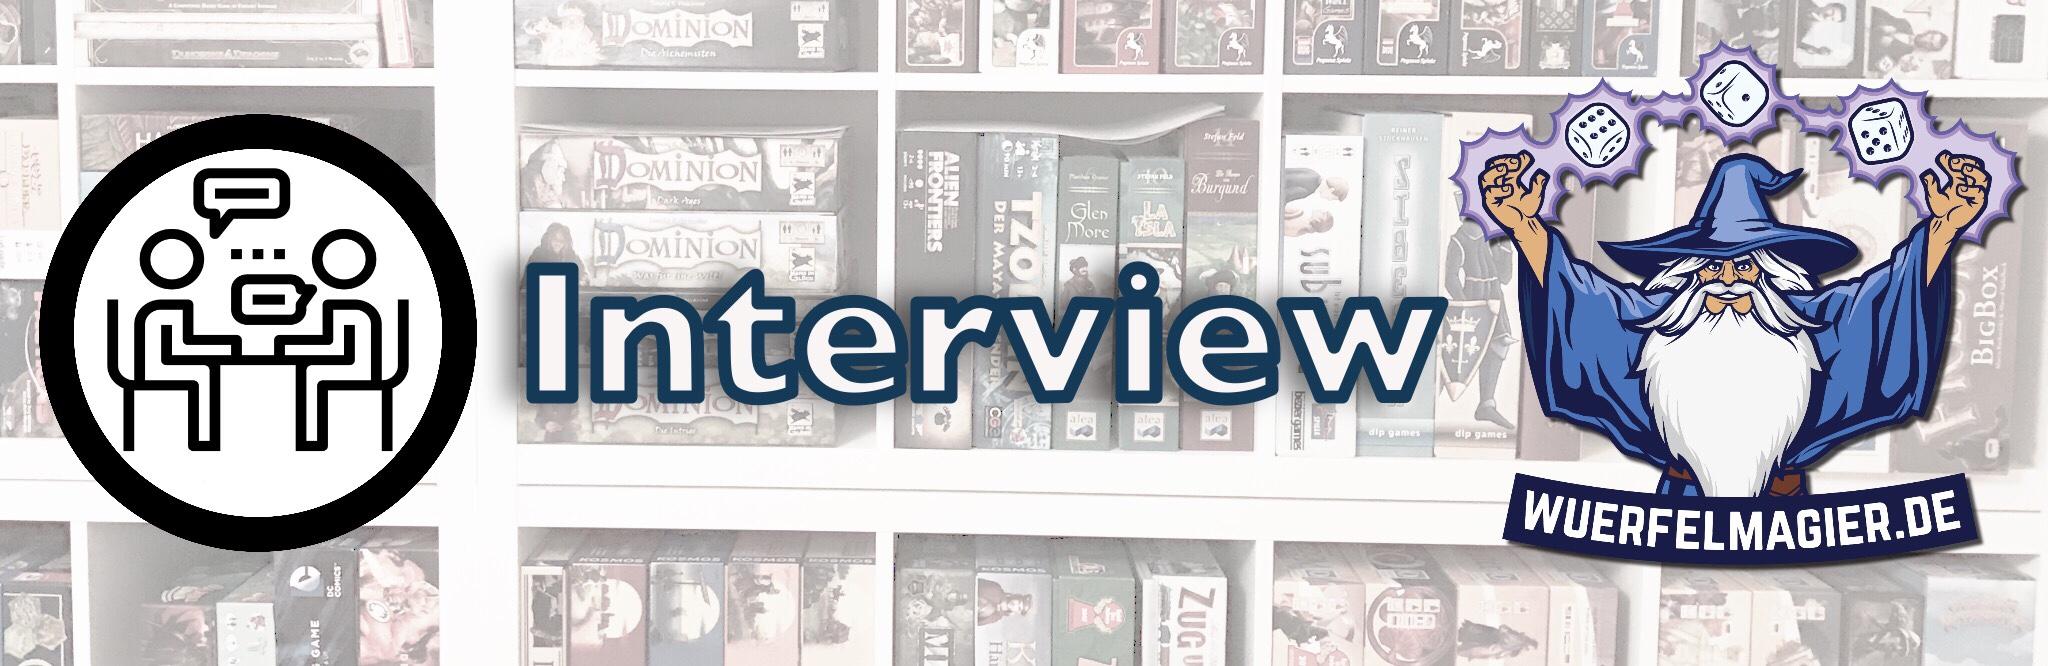 Wuerfelmagier Würfelmagier Brettspiel Blog Interview